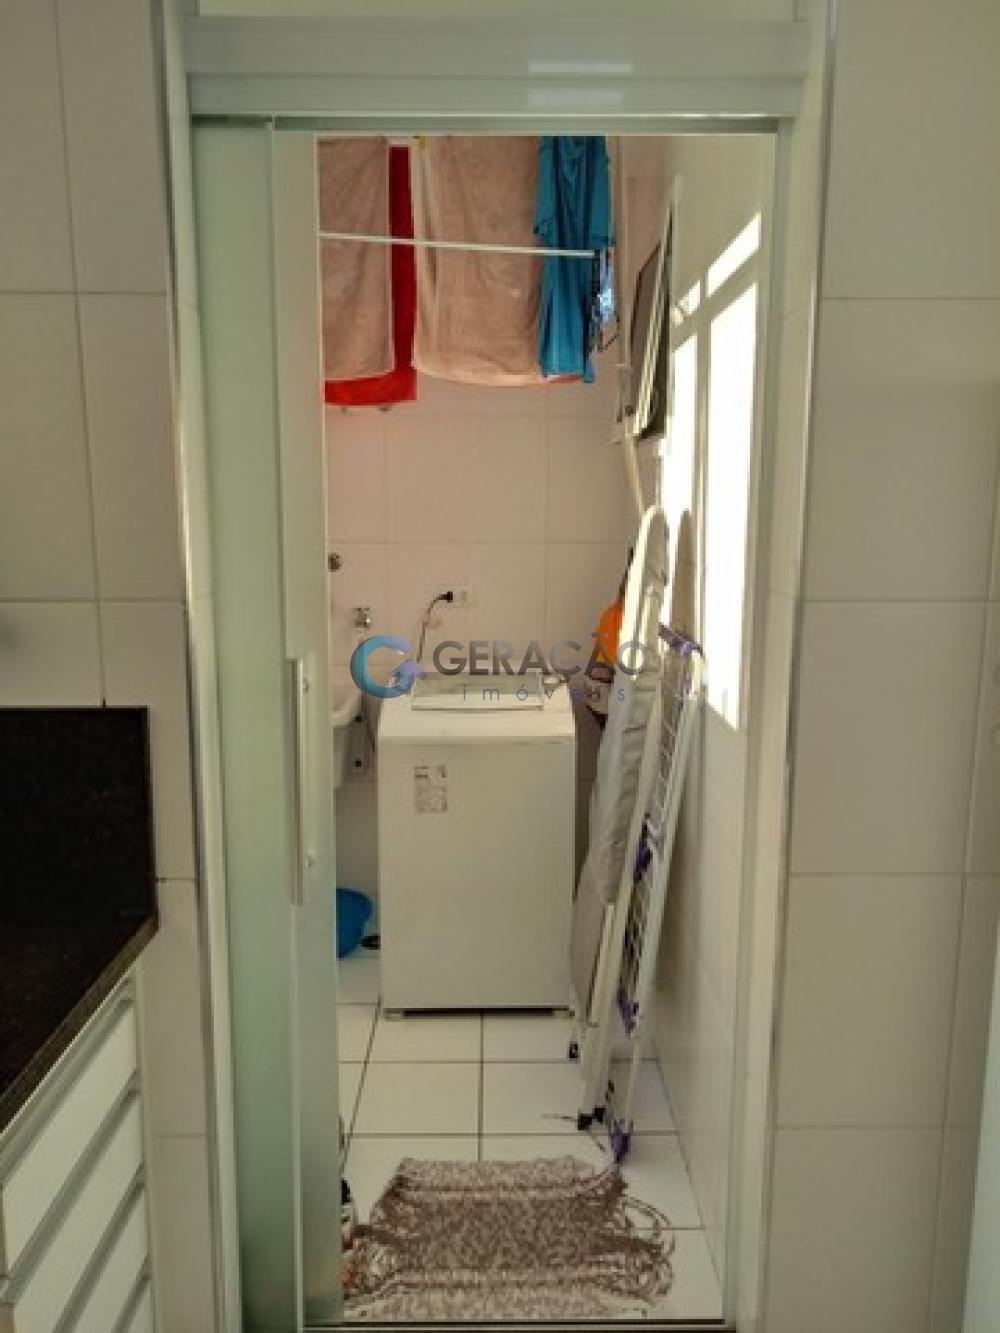 Comprar Apartamento / Padrão em São José dos Campos R$ 580.000,00 - Foto 11